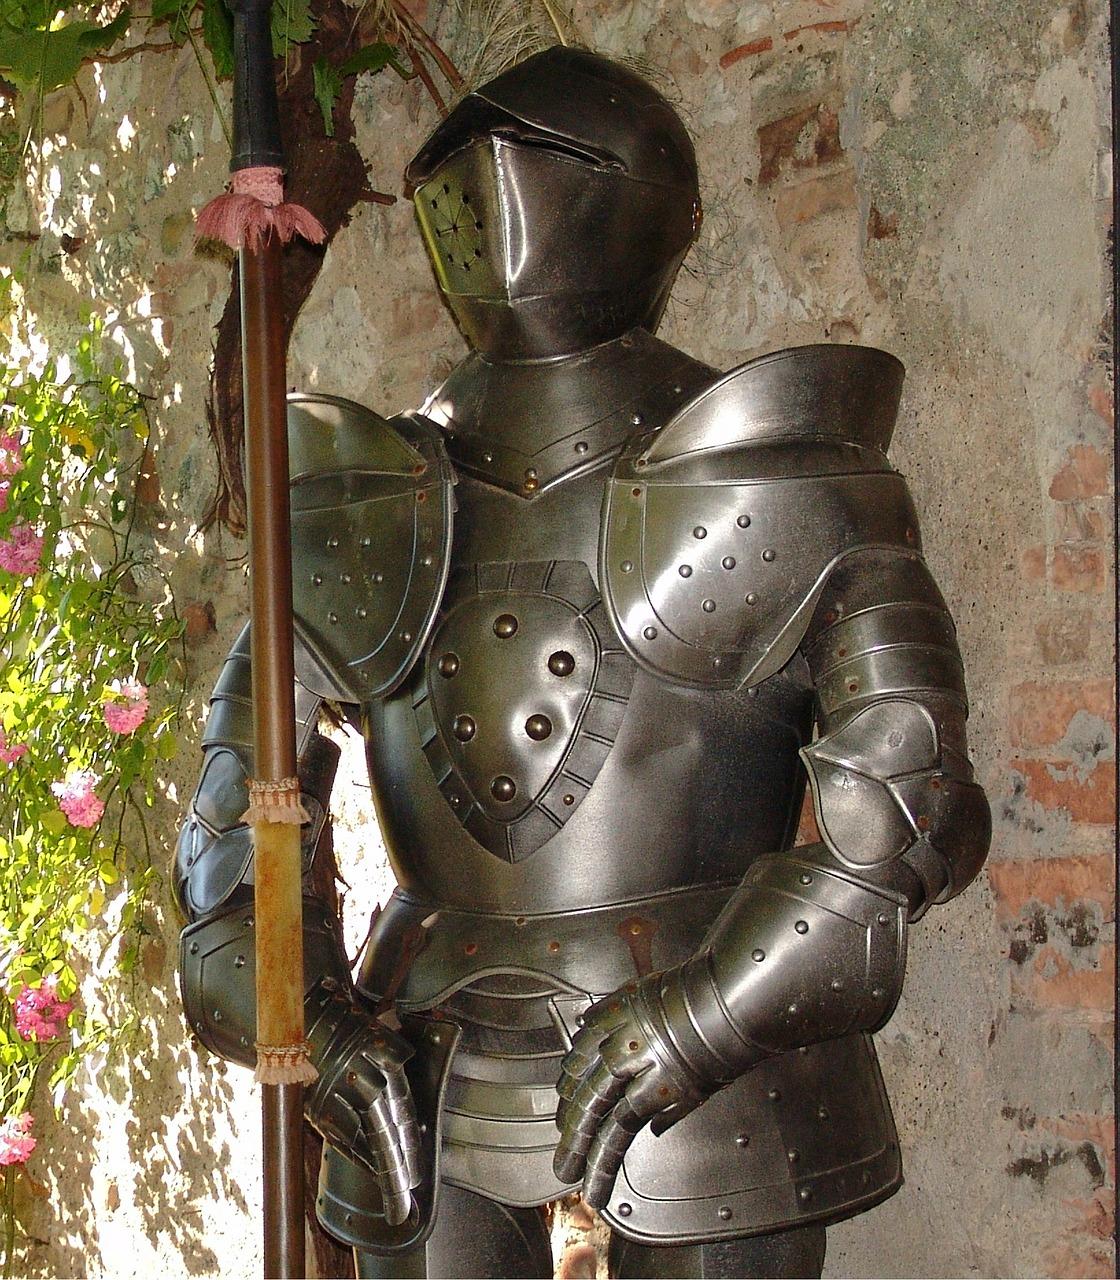 armor-401699_1280